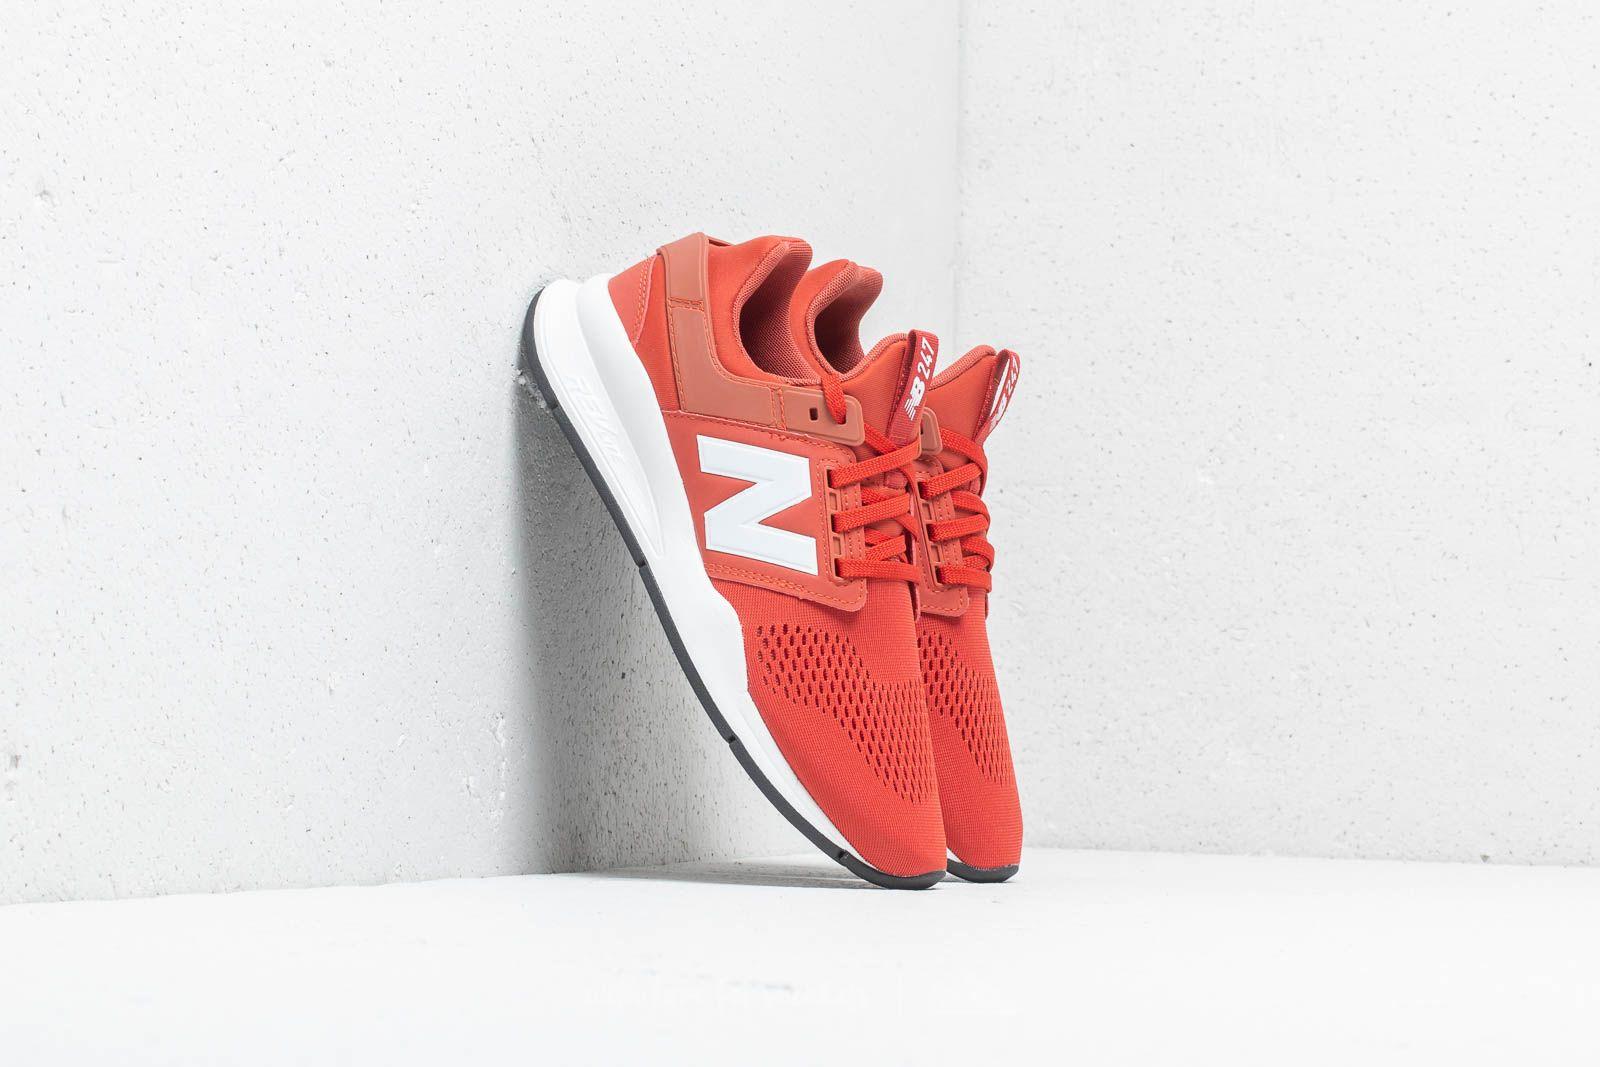 New Balance 247 Brick Red/ White